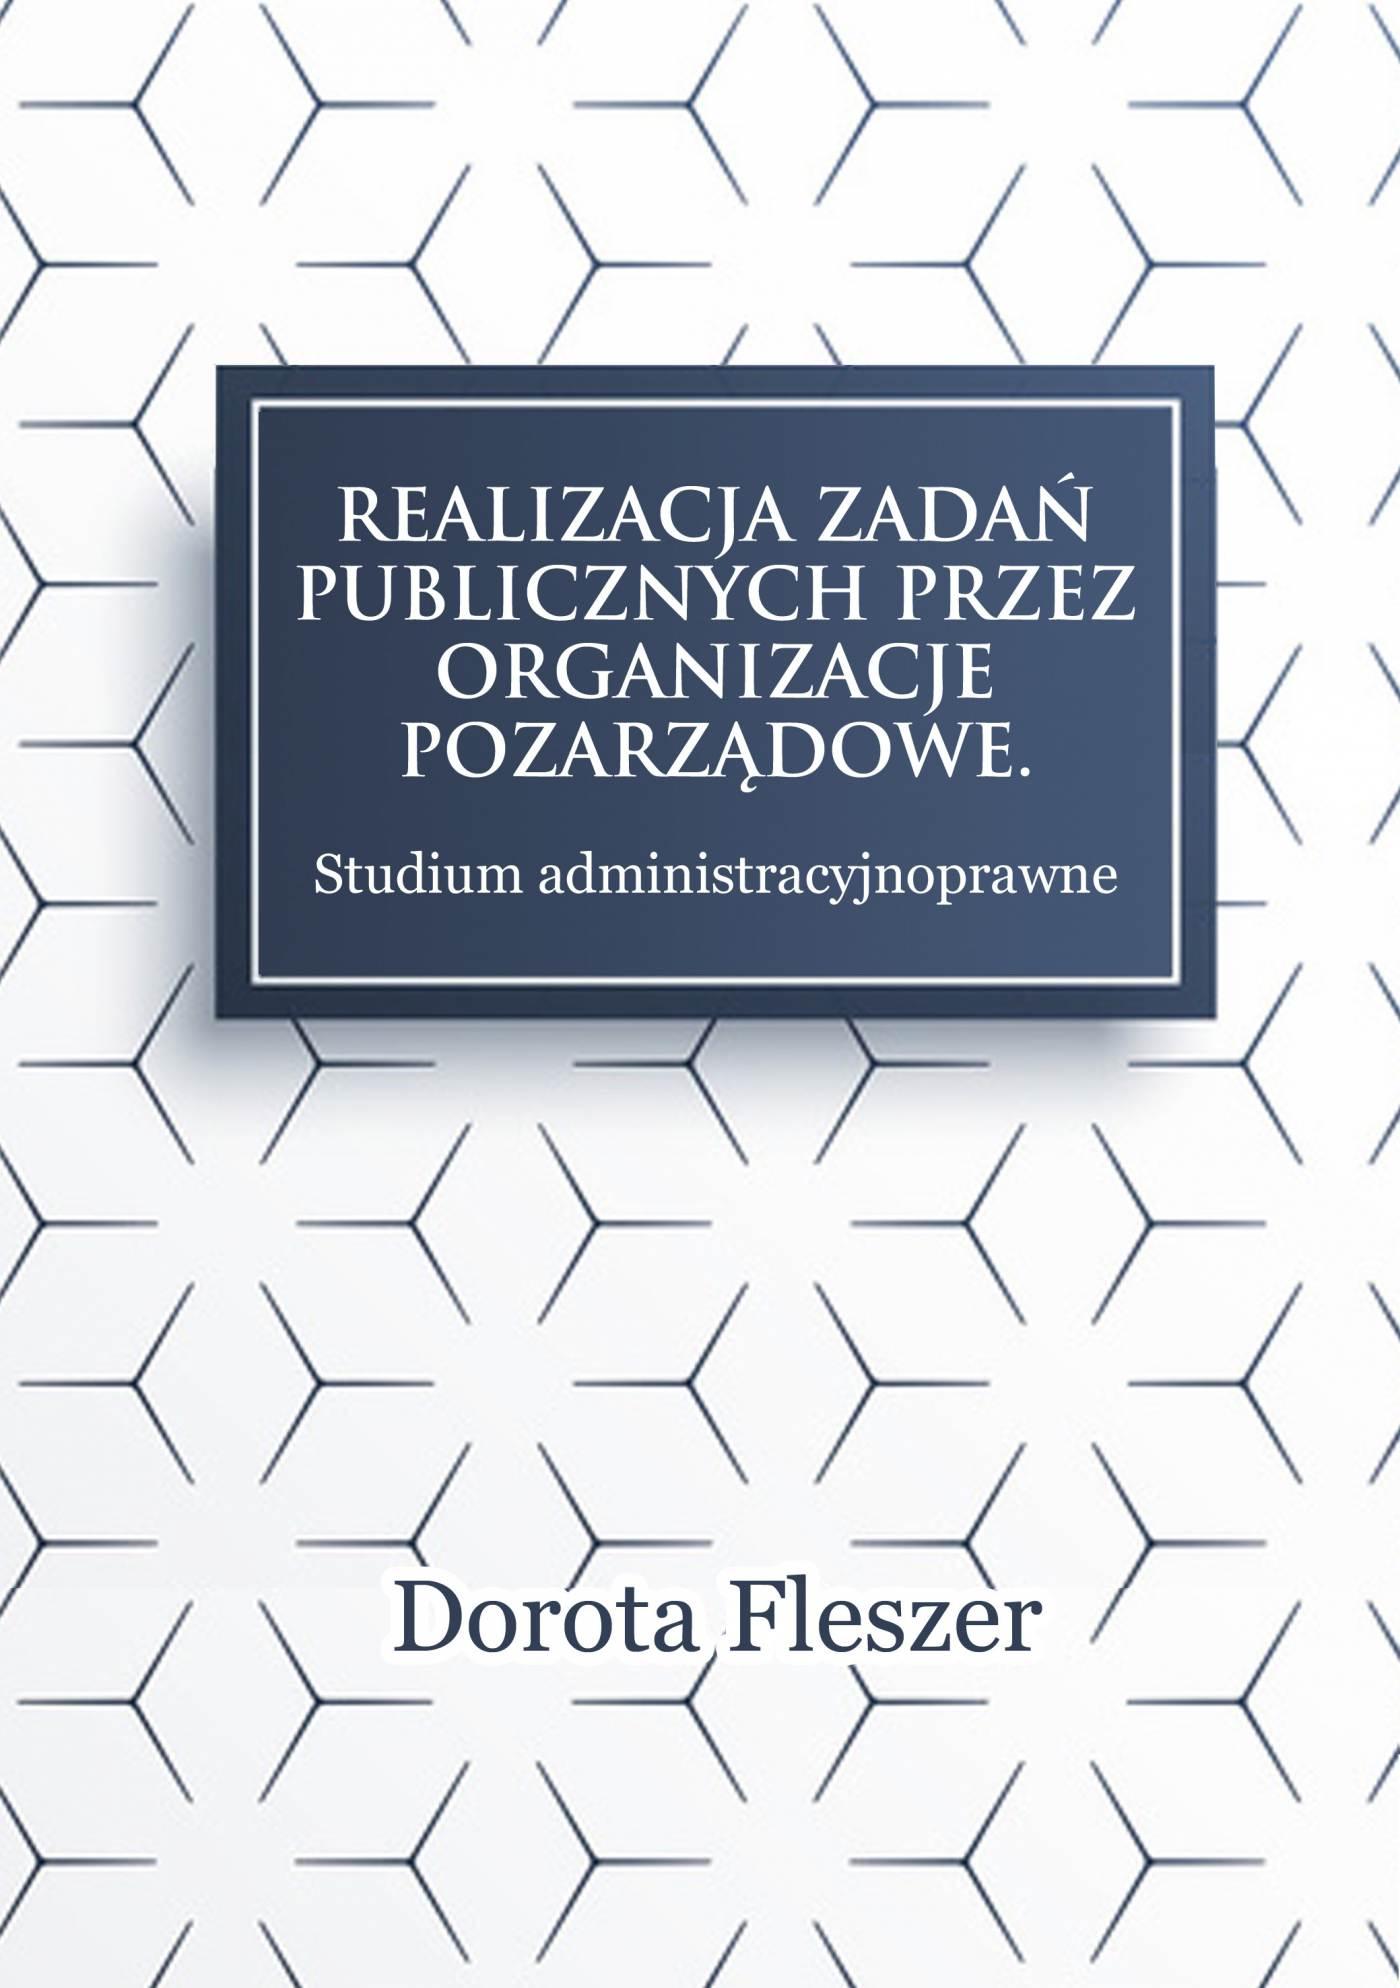 Realizacja zadań publicznych przez organizacje pozarządowe. Studium administracyjnoprawne - Ebook (Książka PDF) do pobrania w formacie PDF